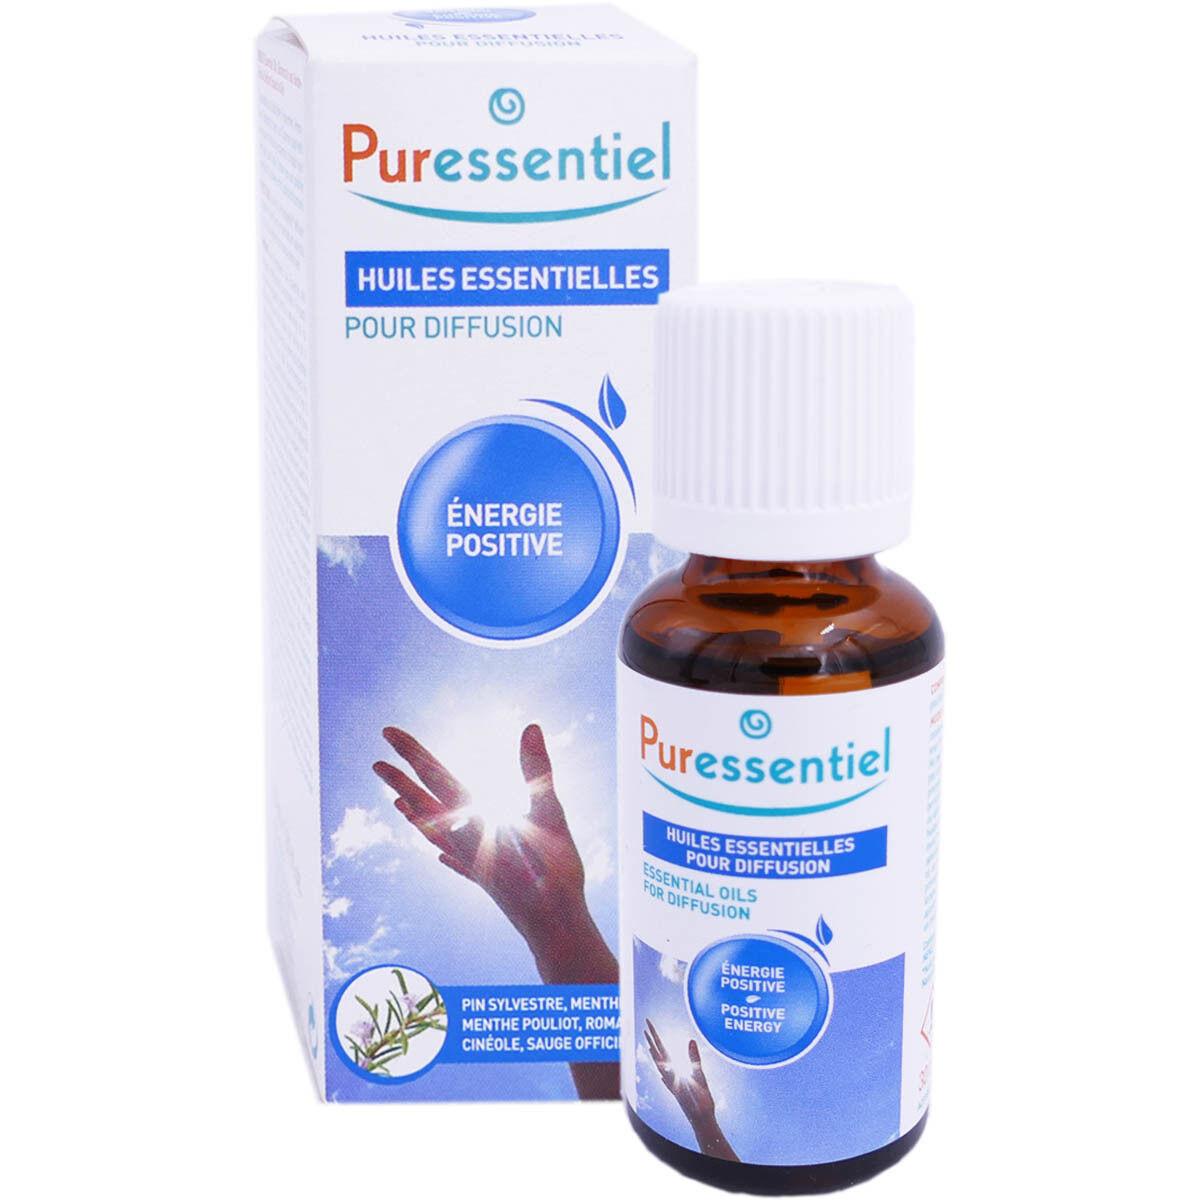 Puressentiel huile essentielle pour diffusion energie positive 30ml